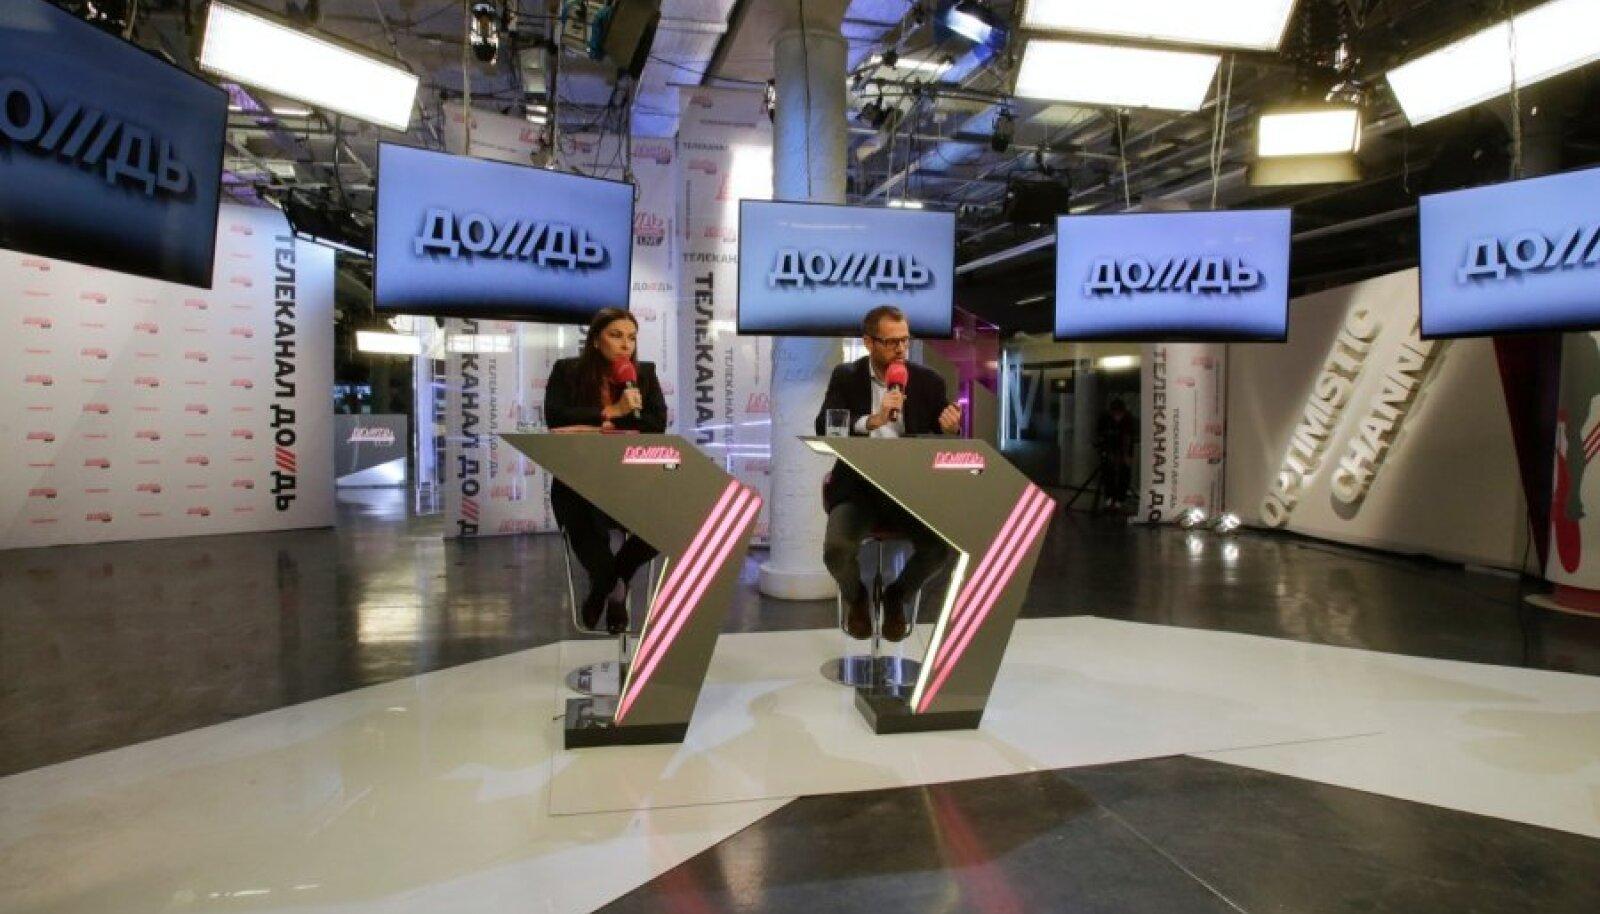 Venemaa teeb kõik selleks, et sulgeda võimu kritiseerinud telekanal Dožd.